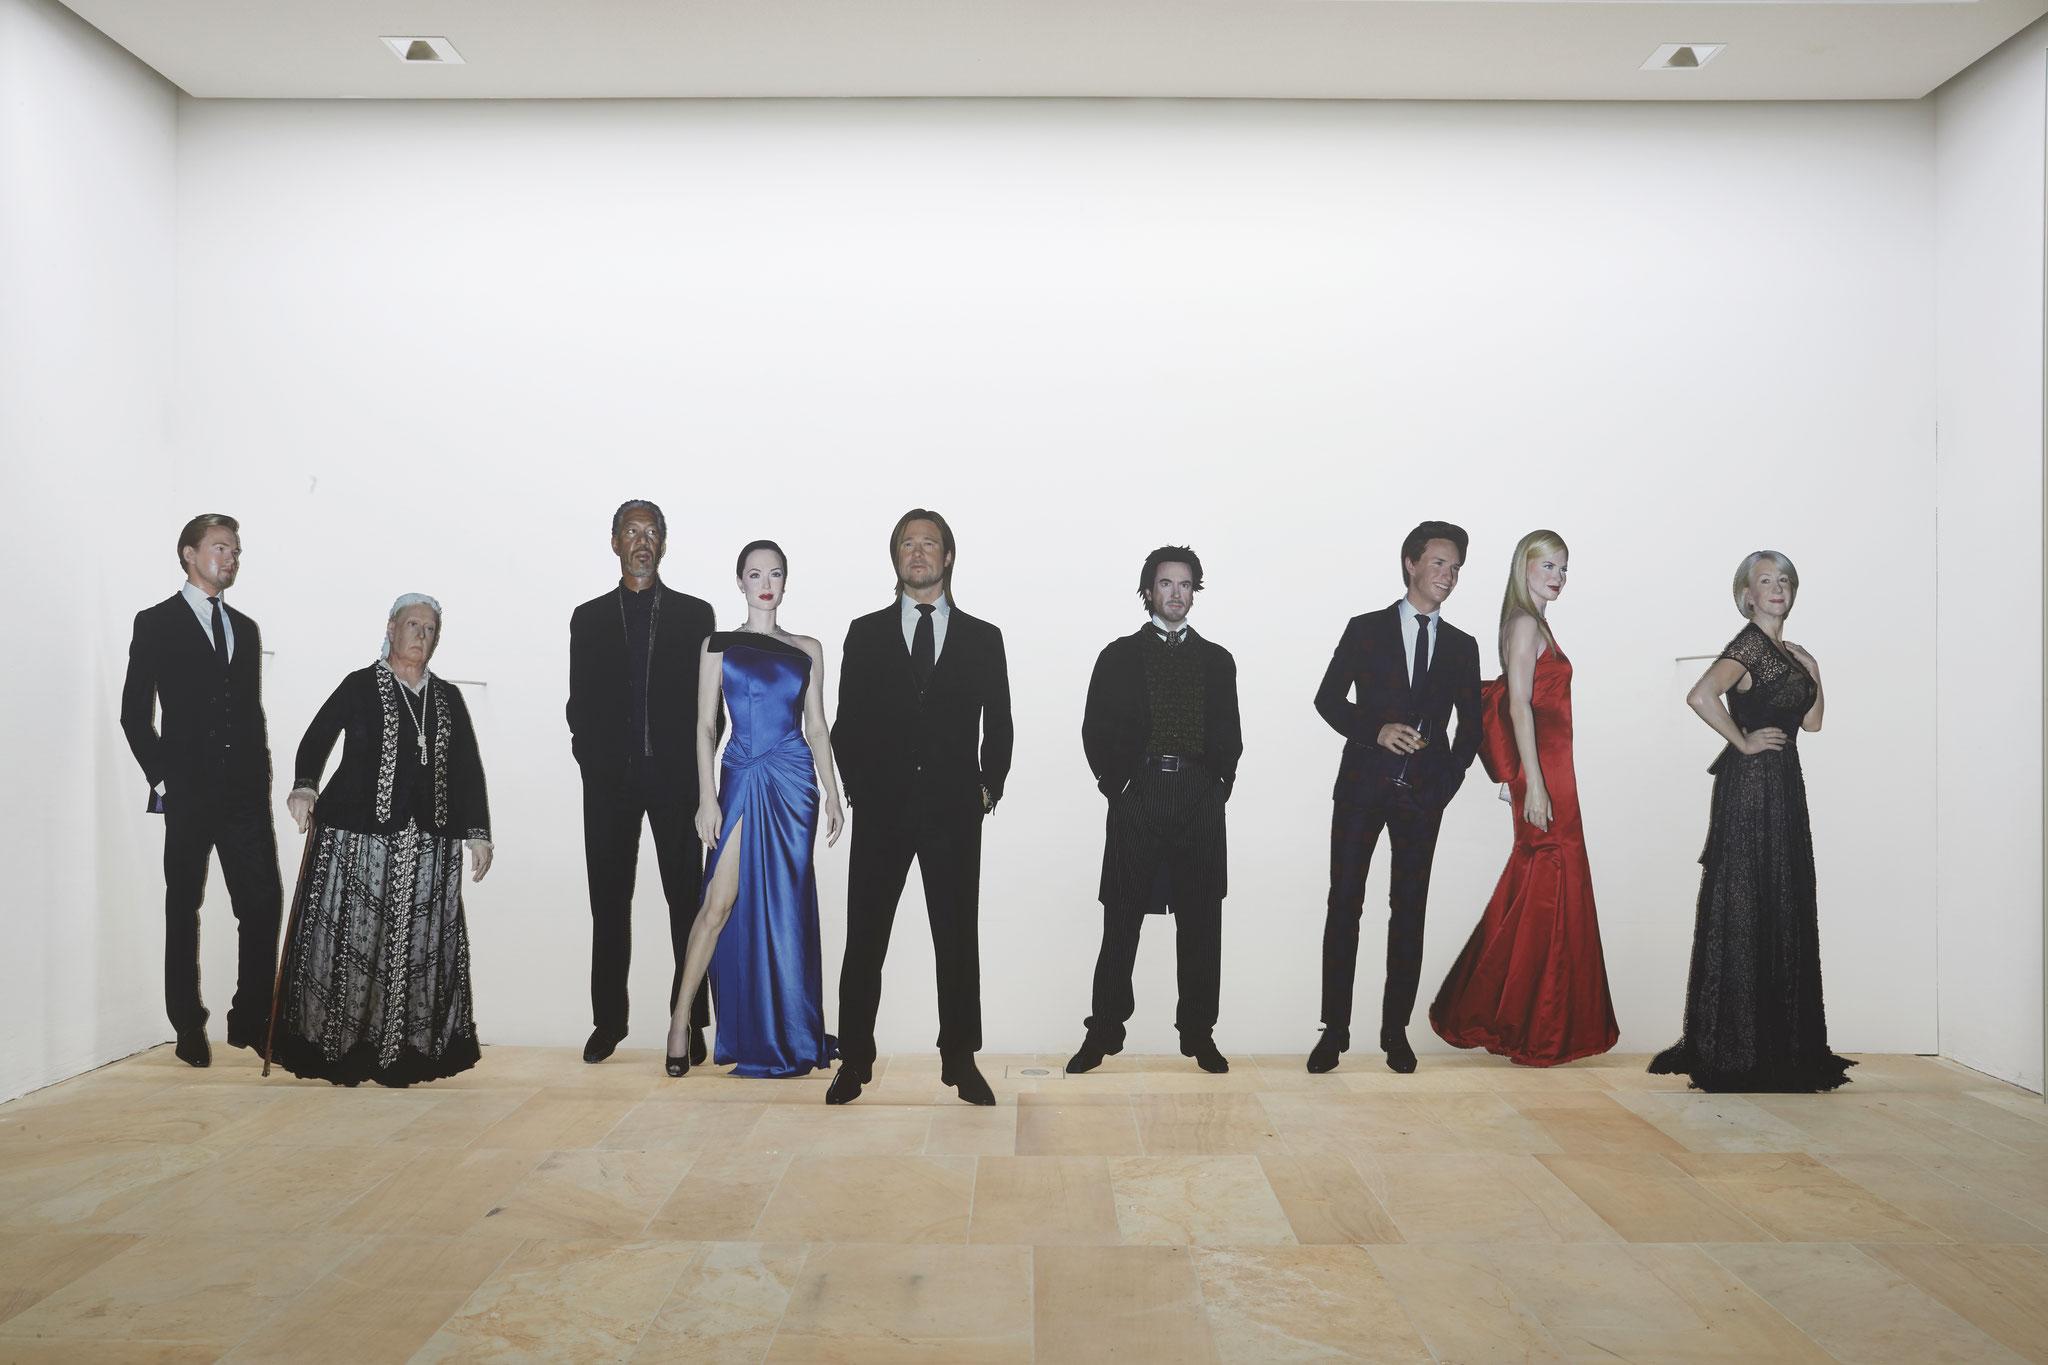 Wax Figures, 2019